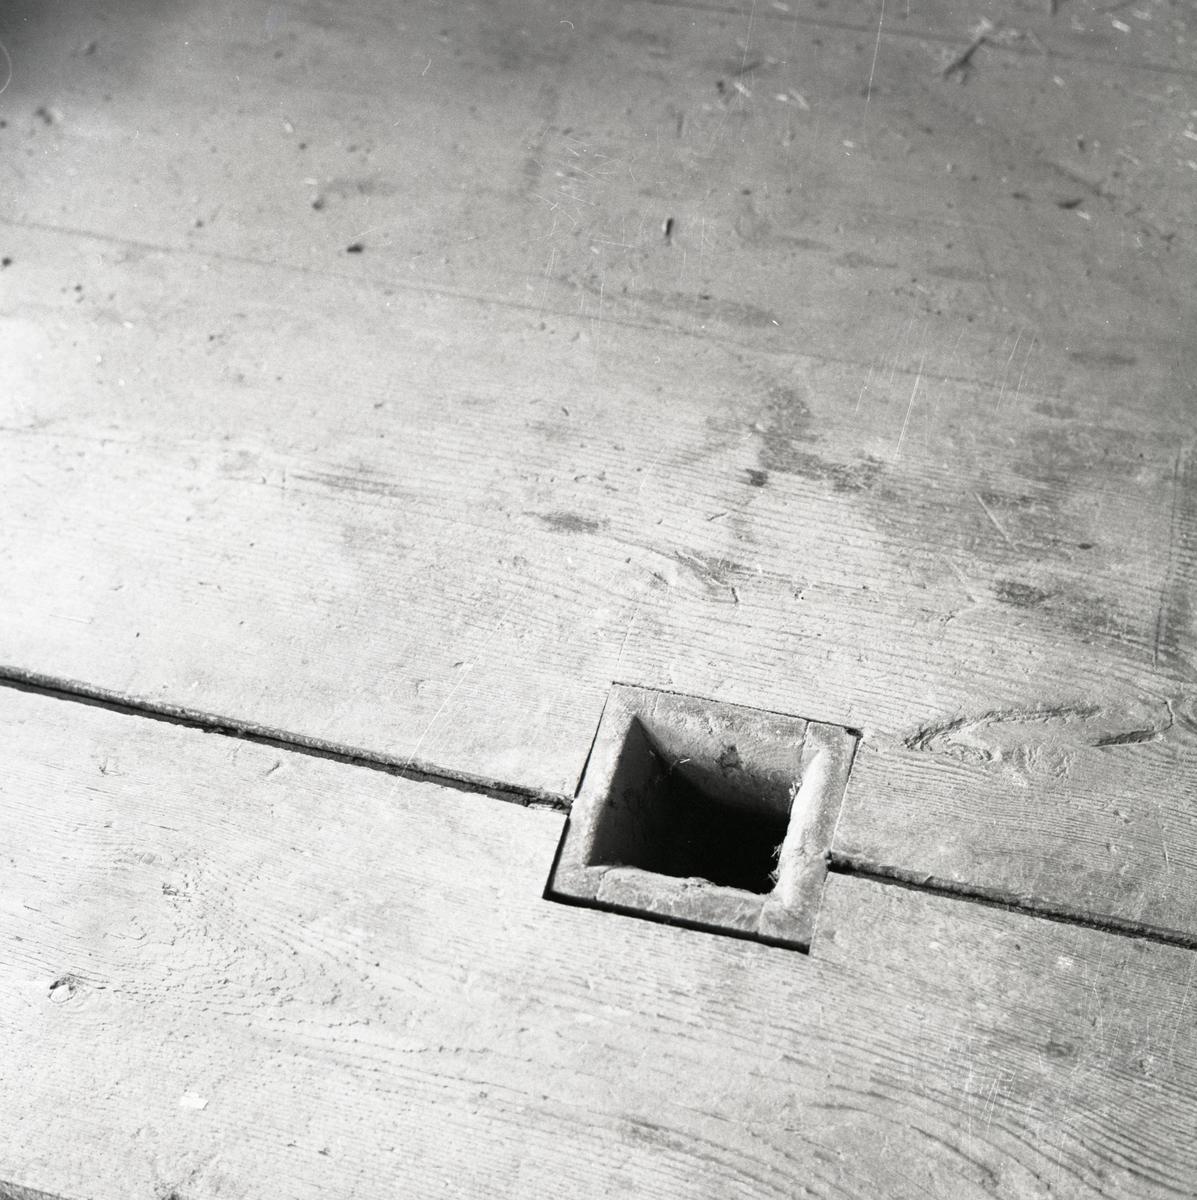 Ett fyrkantigt hål i ett golv, 1967.